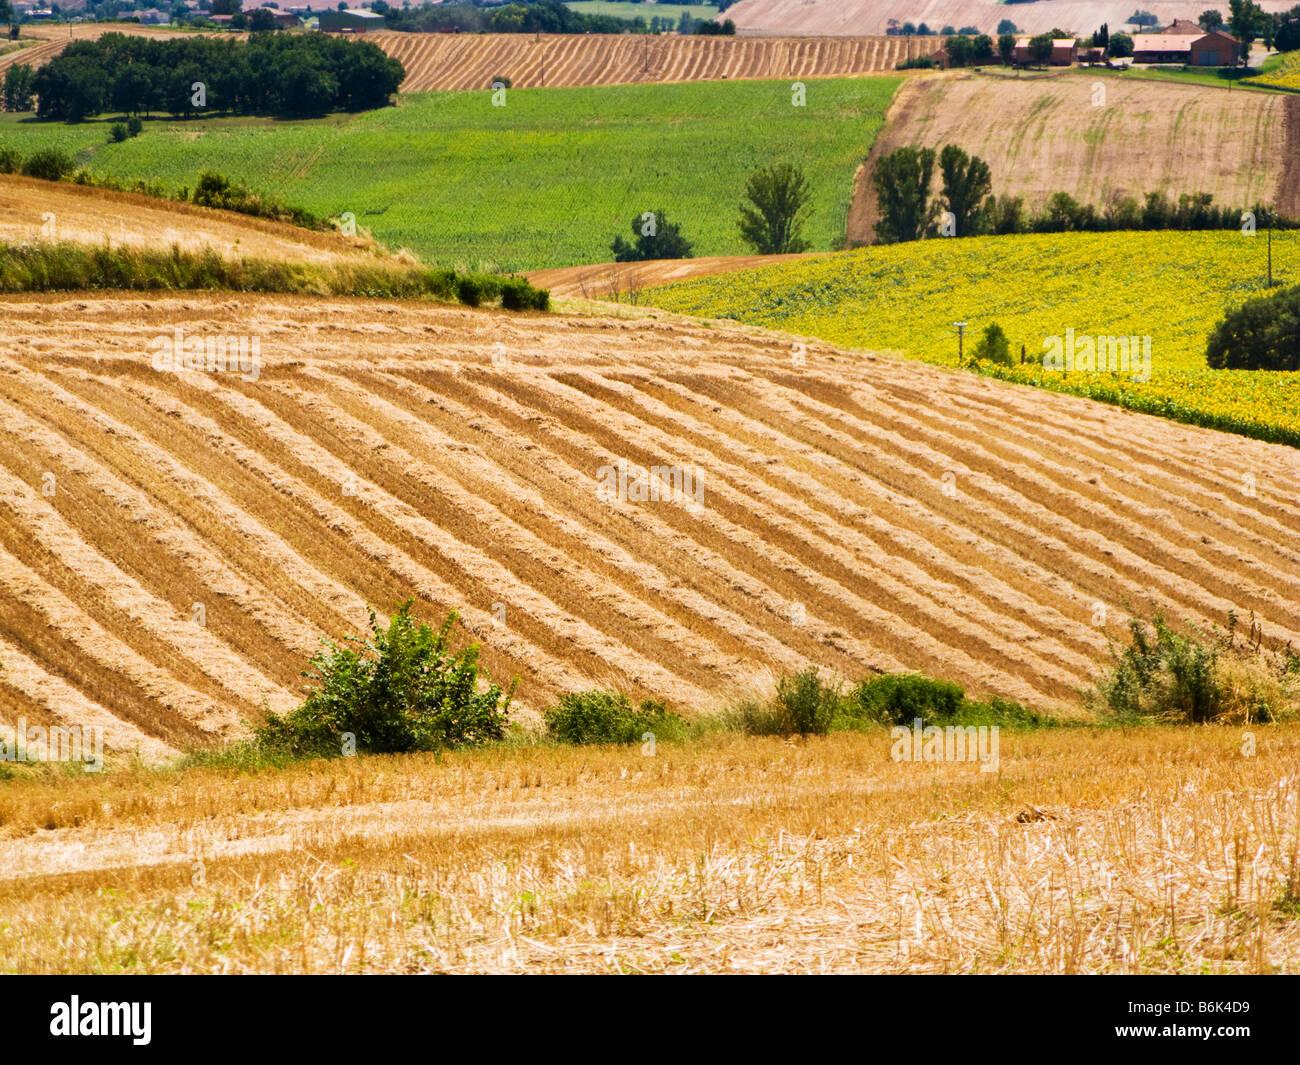 Wheat fields in Tarn et Garonne, southwest France, Europe - Stock Image